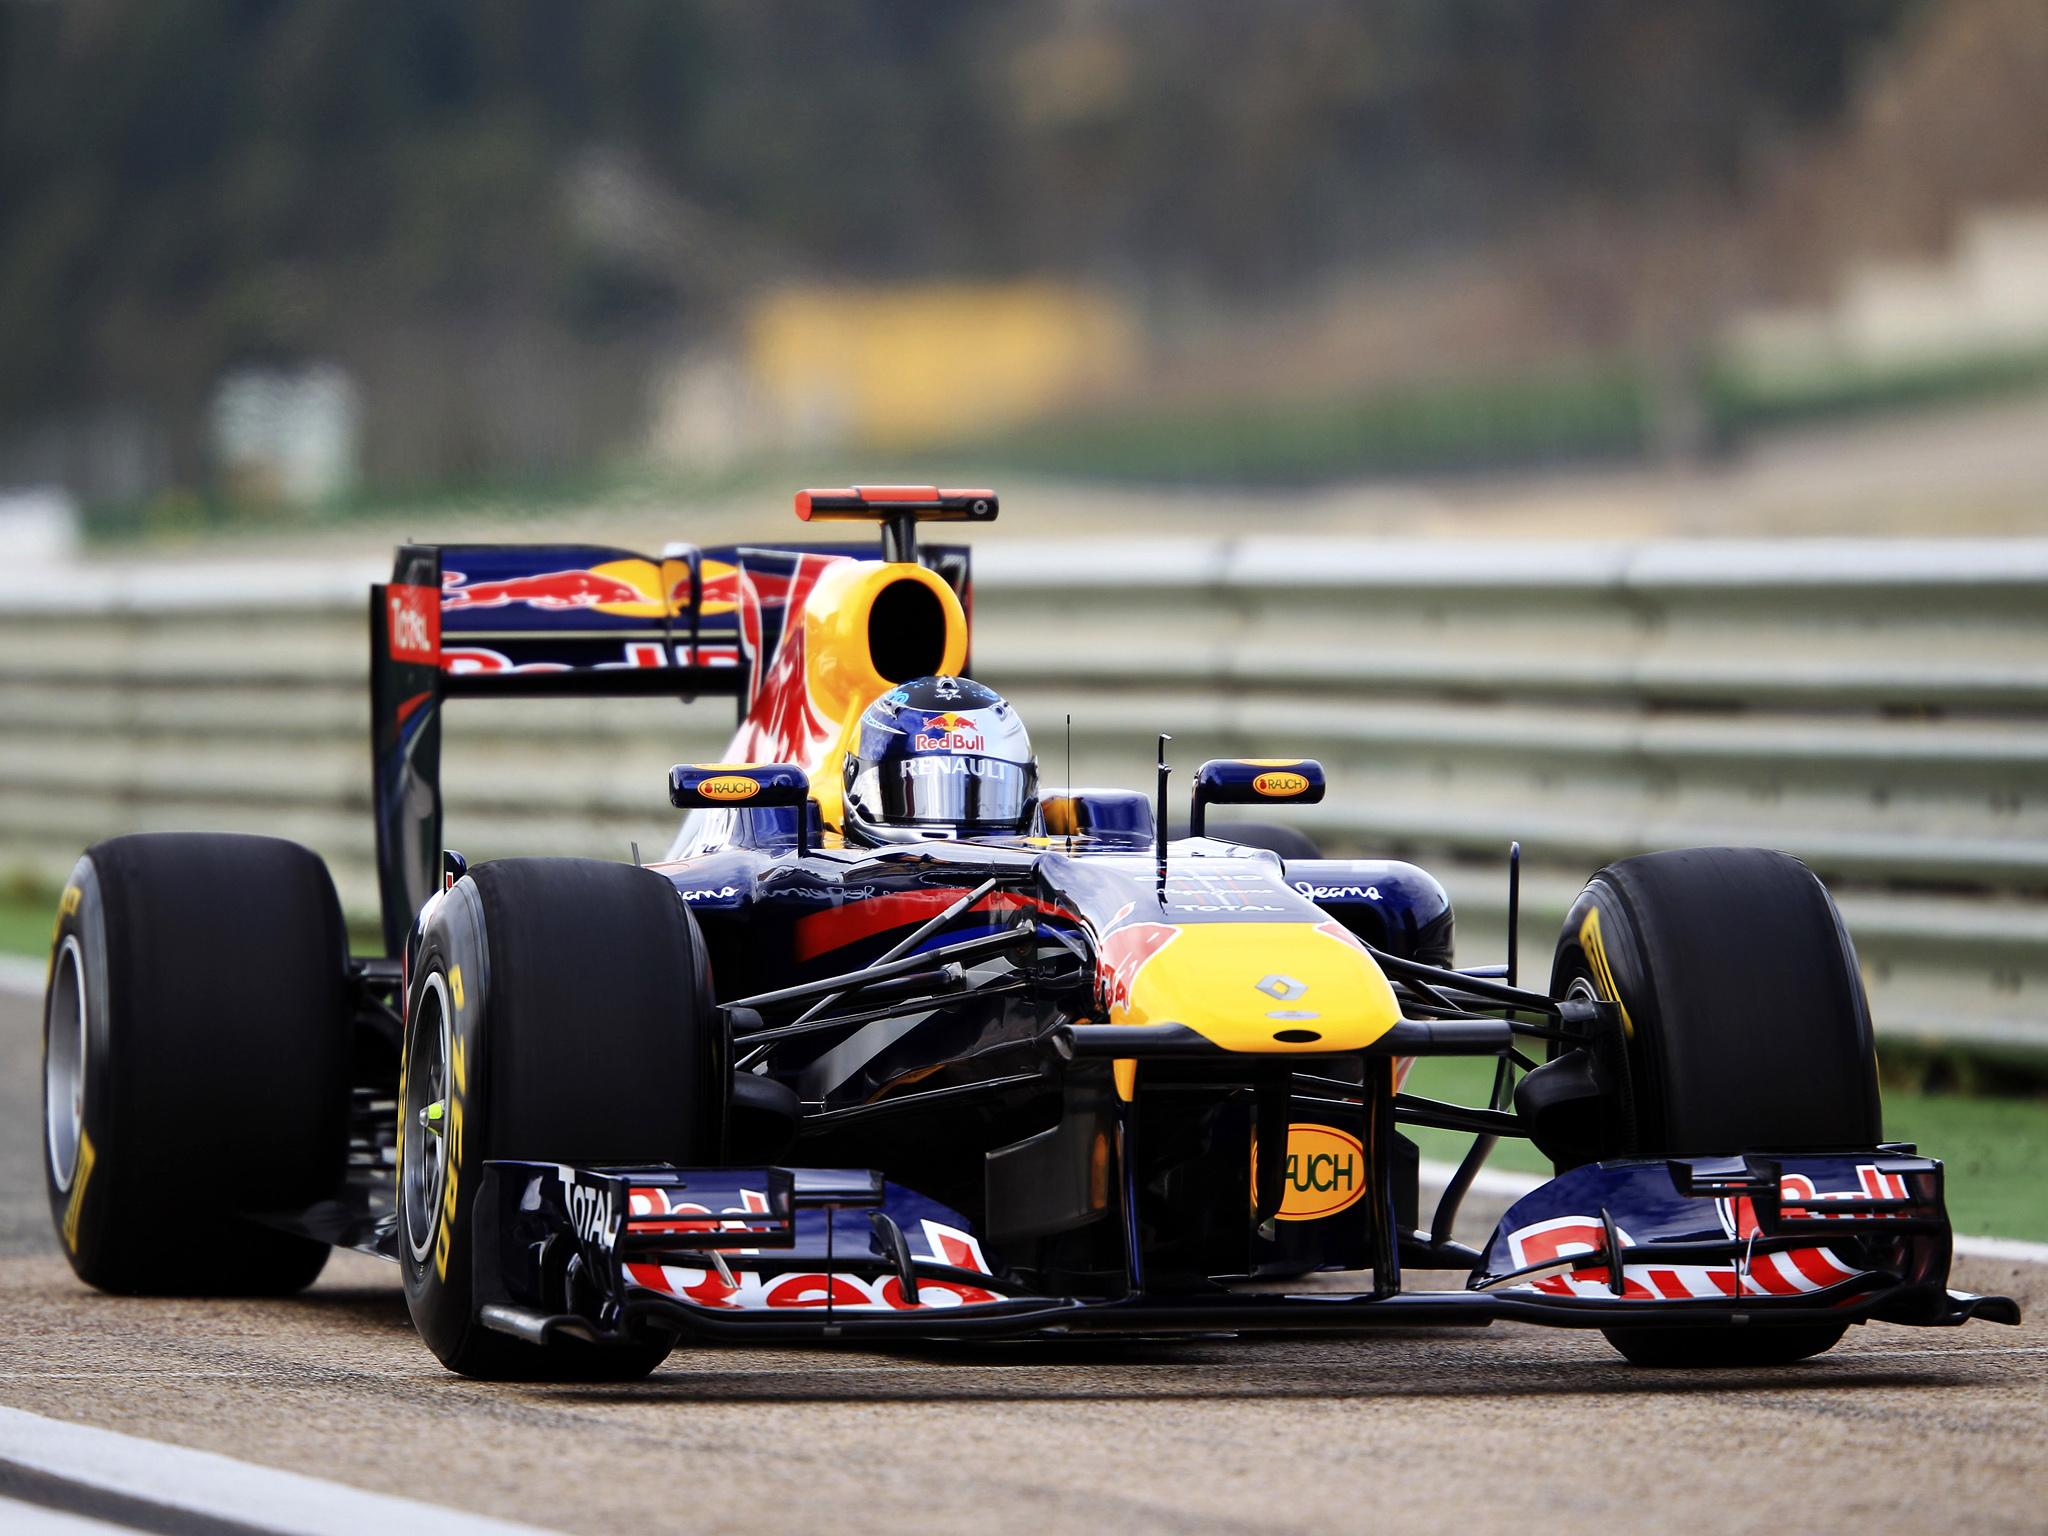 RB7 de Vettel em valência na espanha